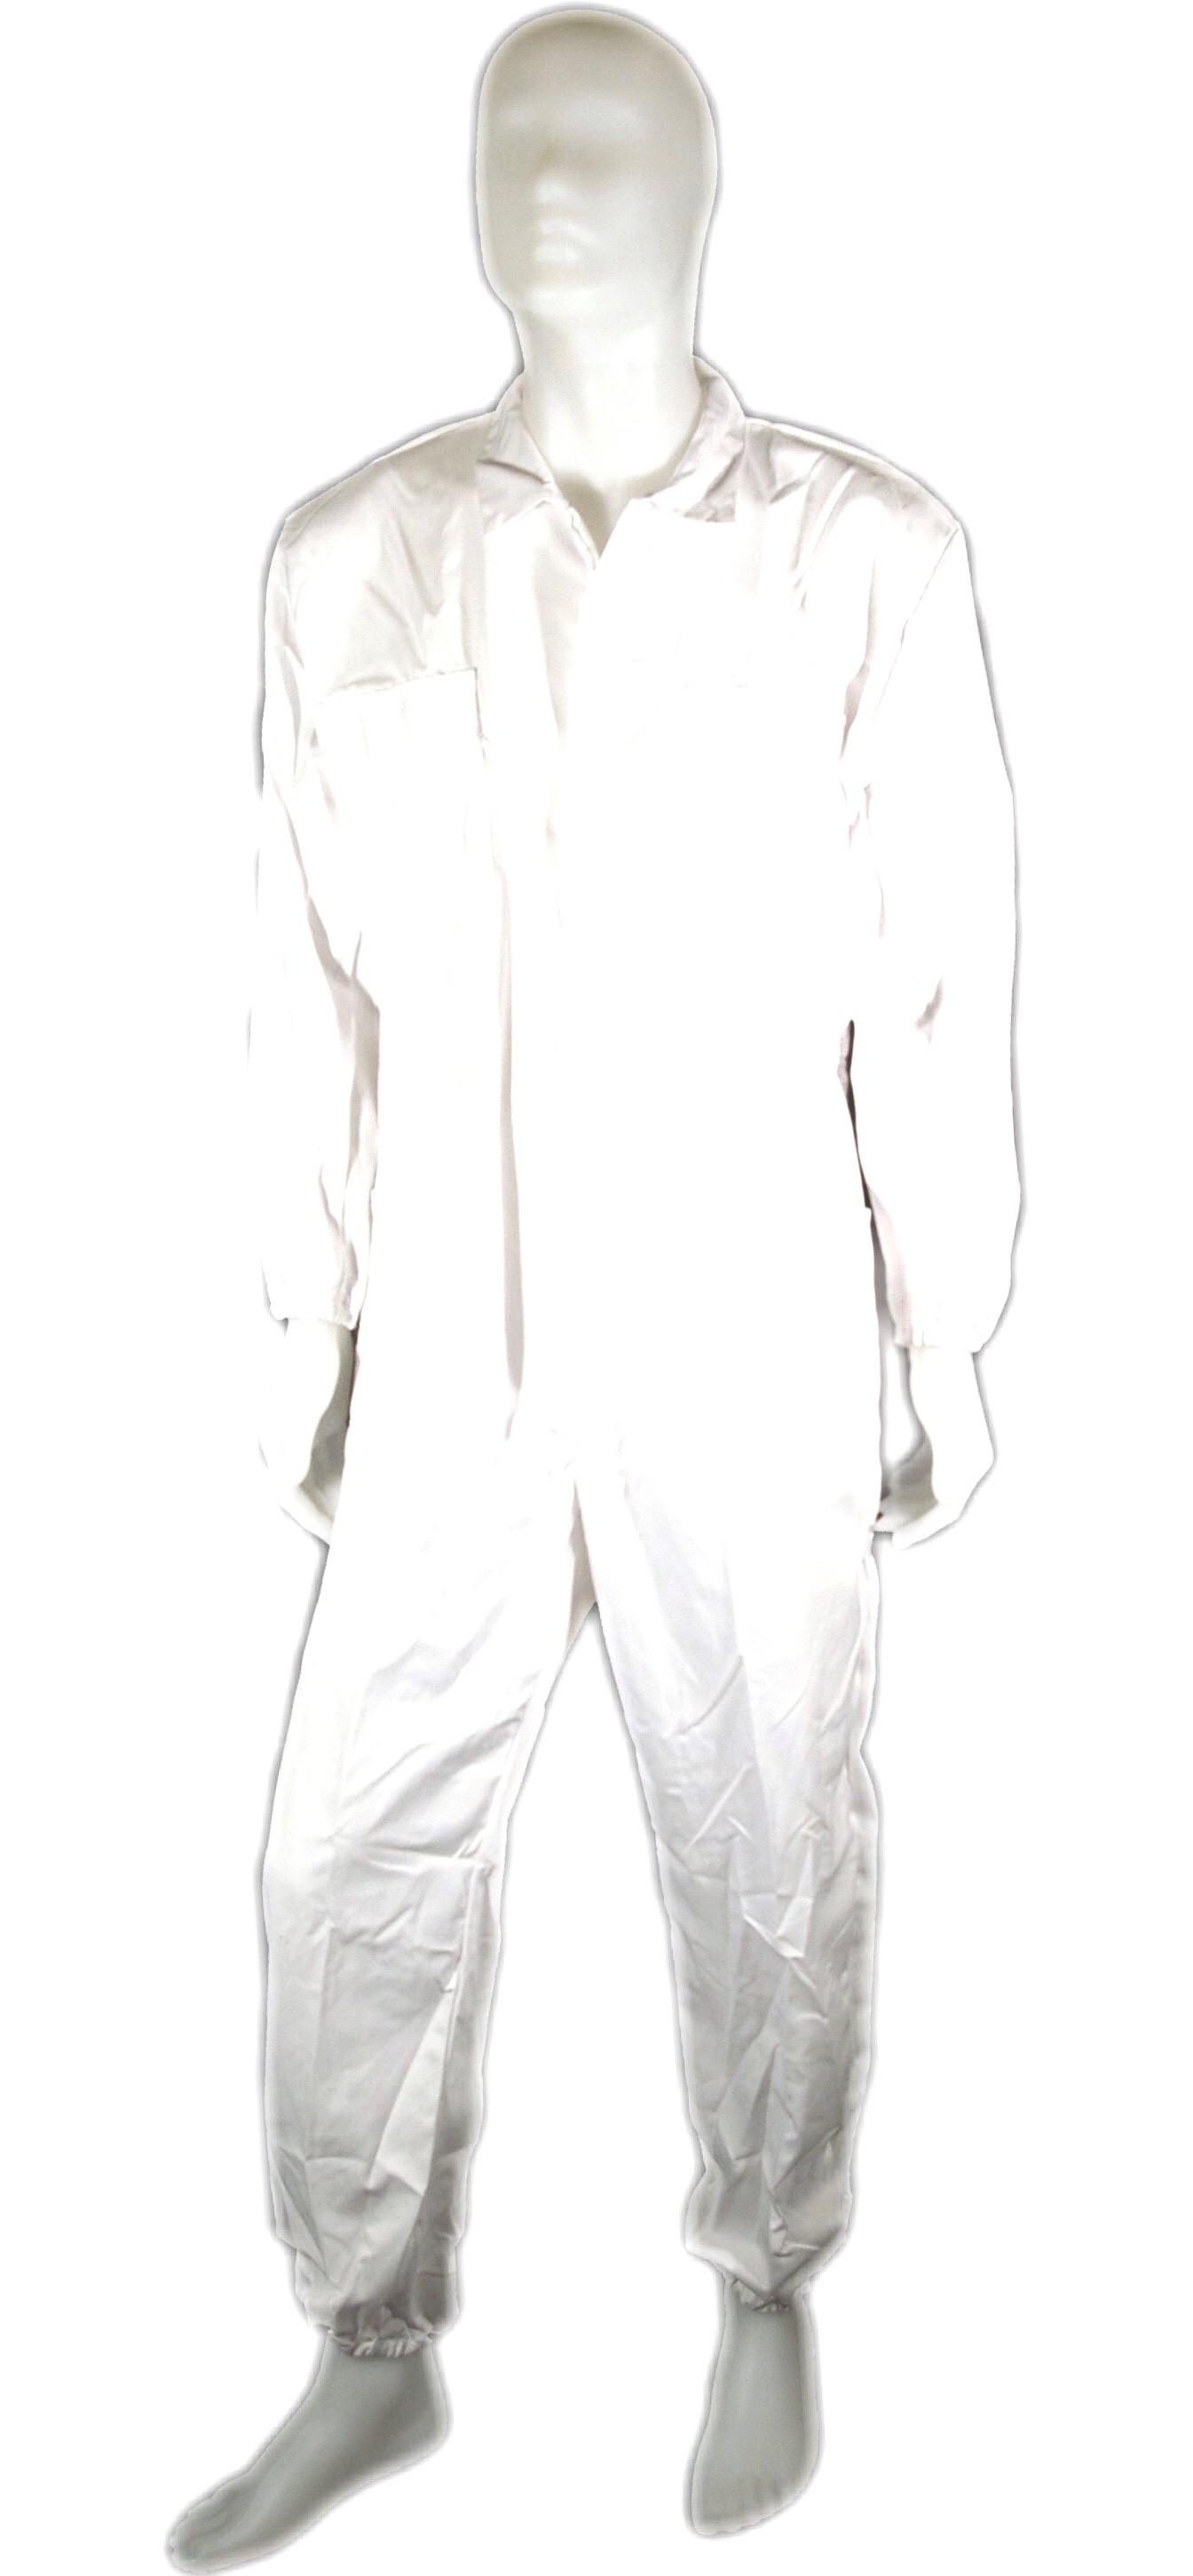 Cotton coveralls